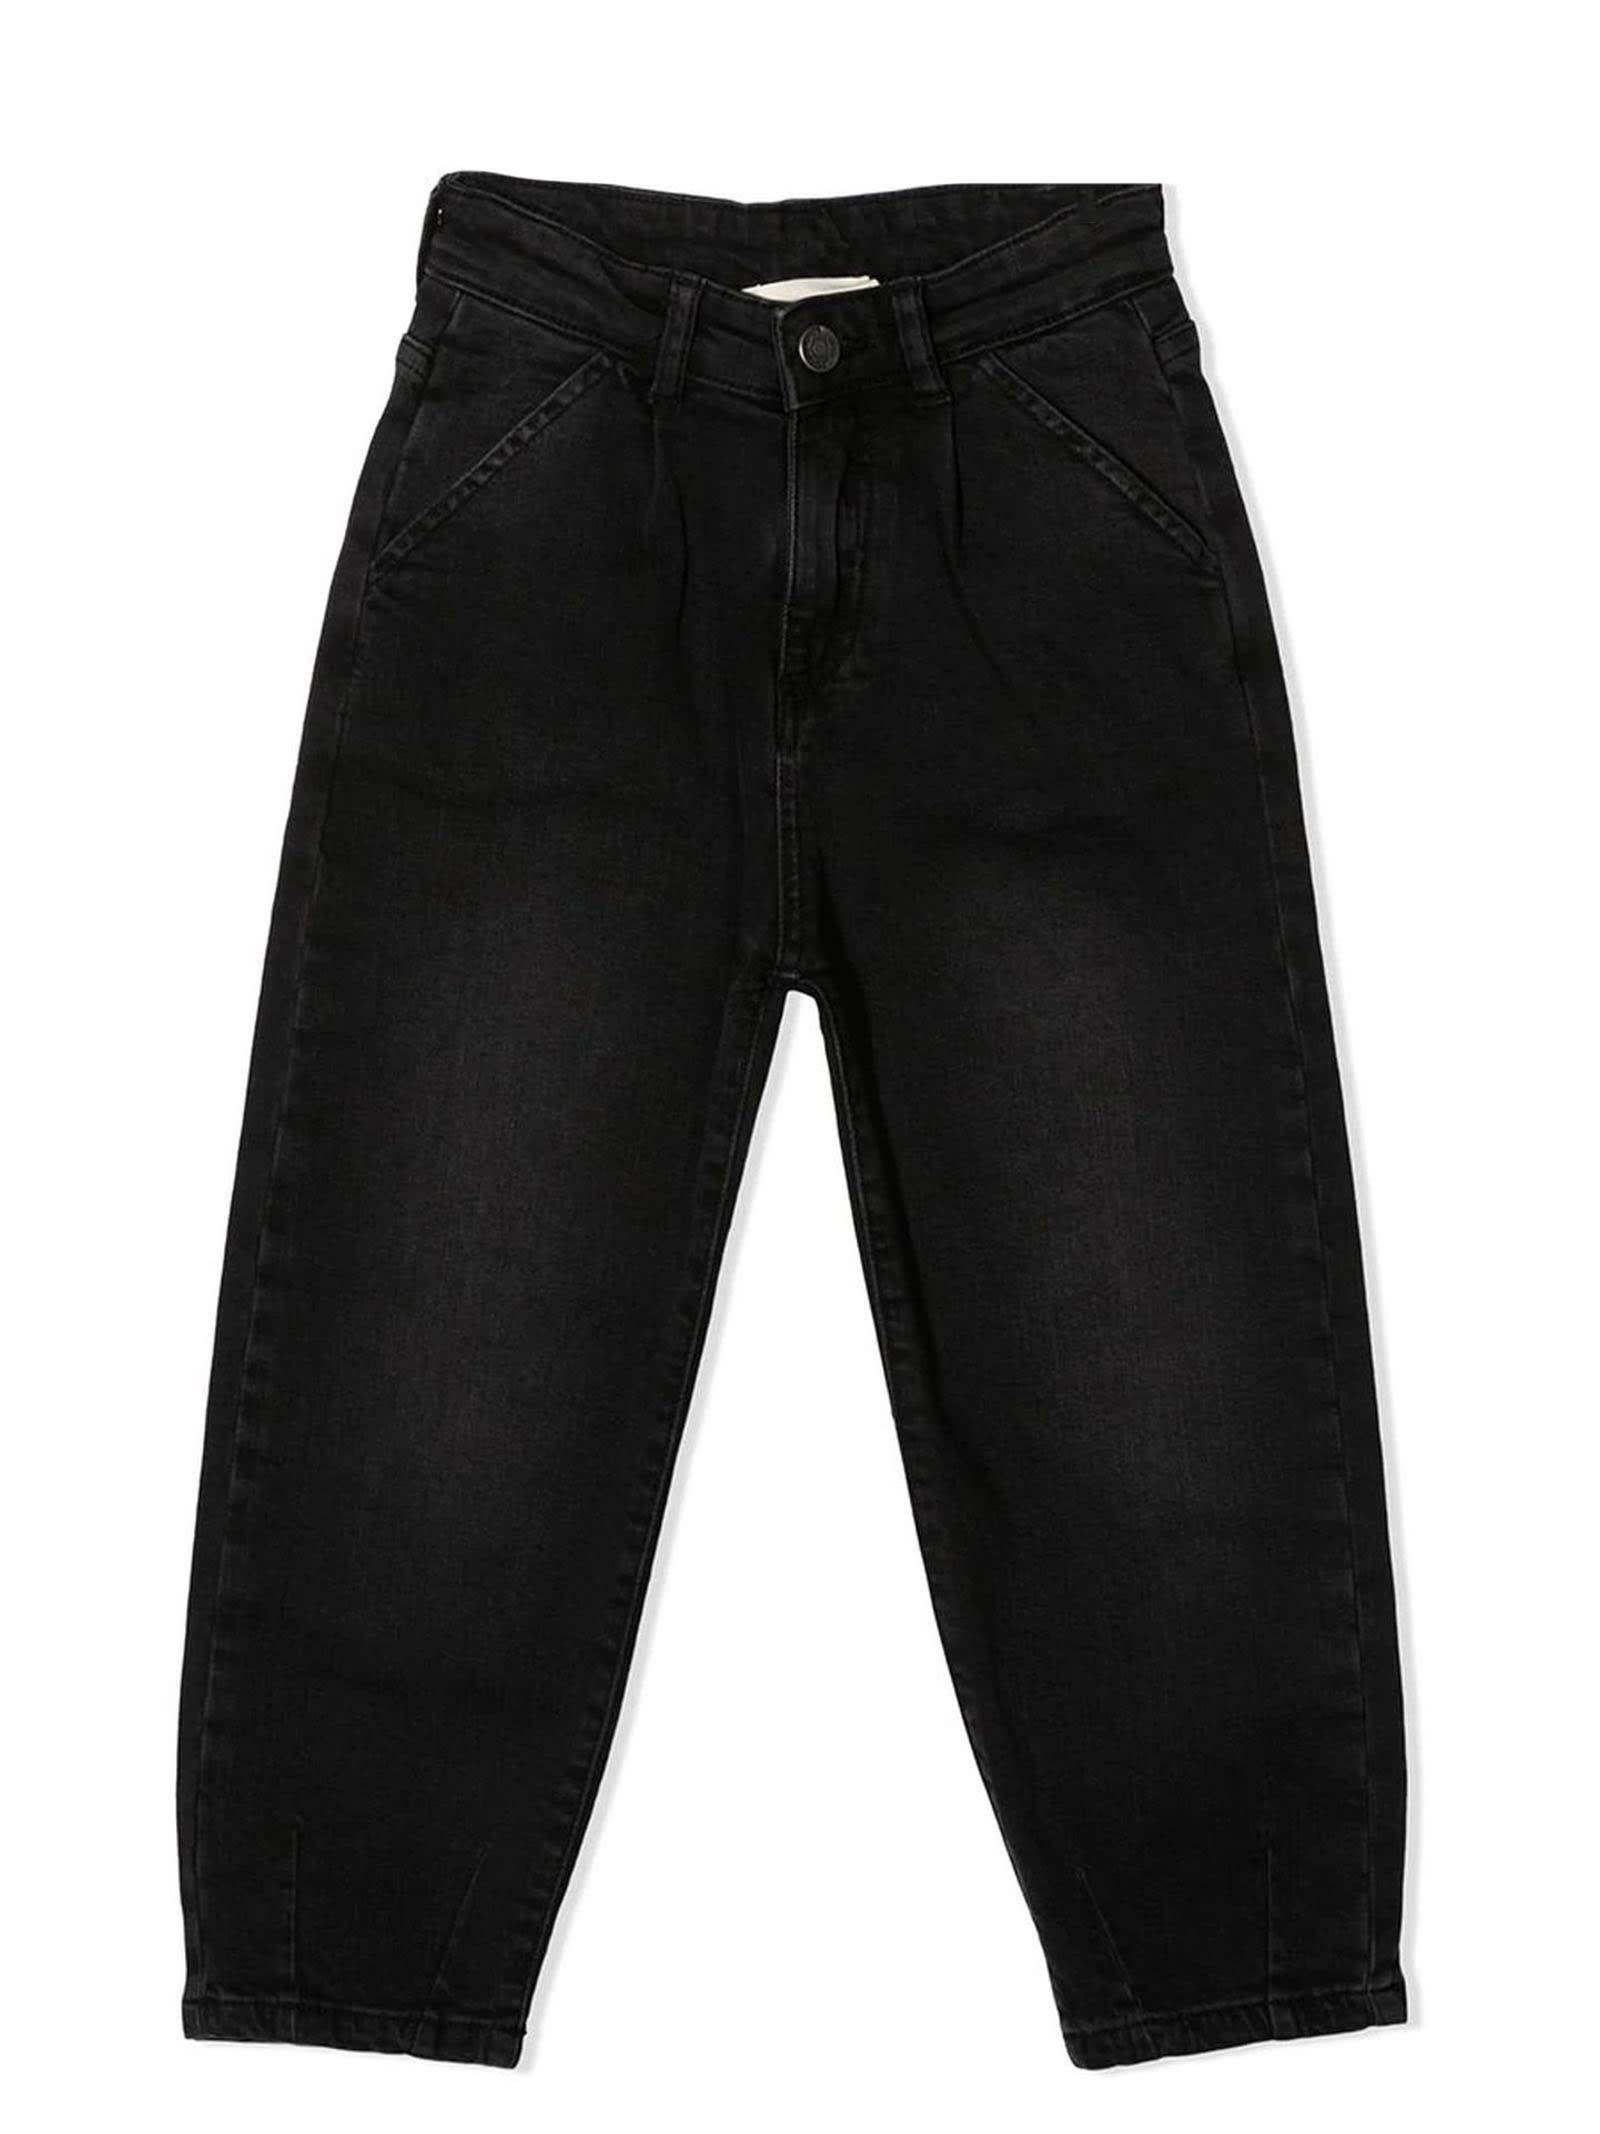 Black Cotton-blend Jeans